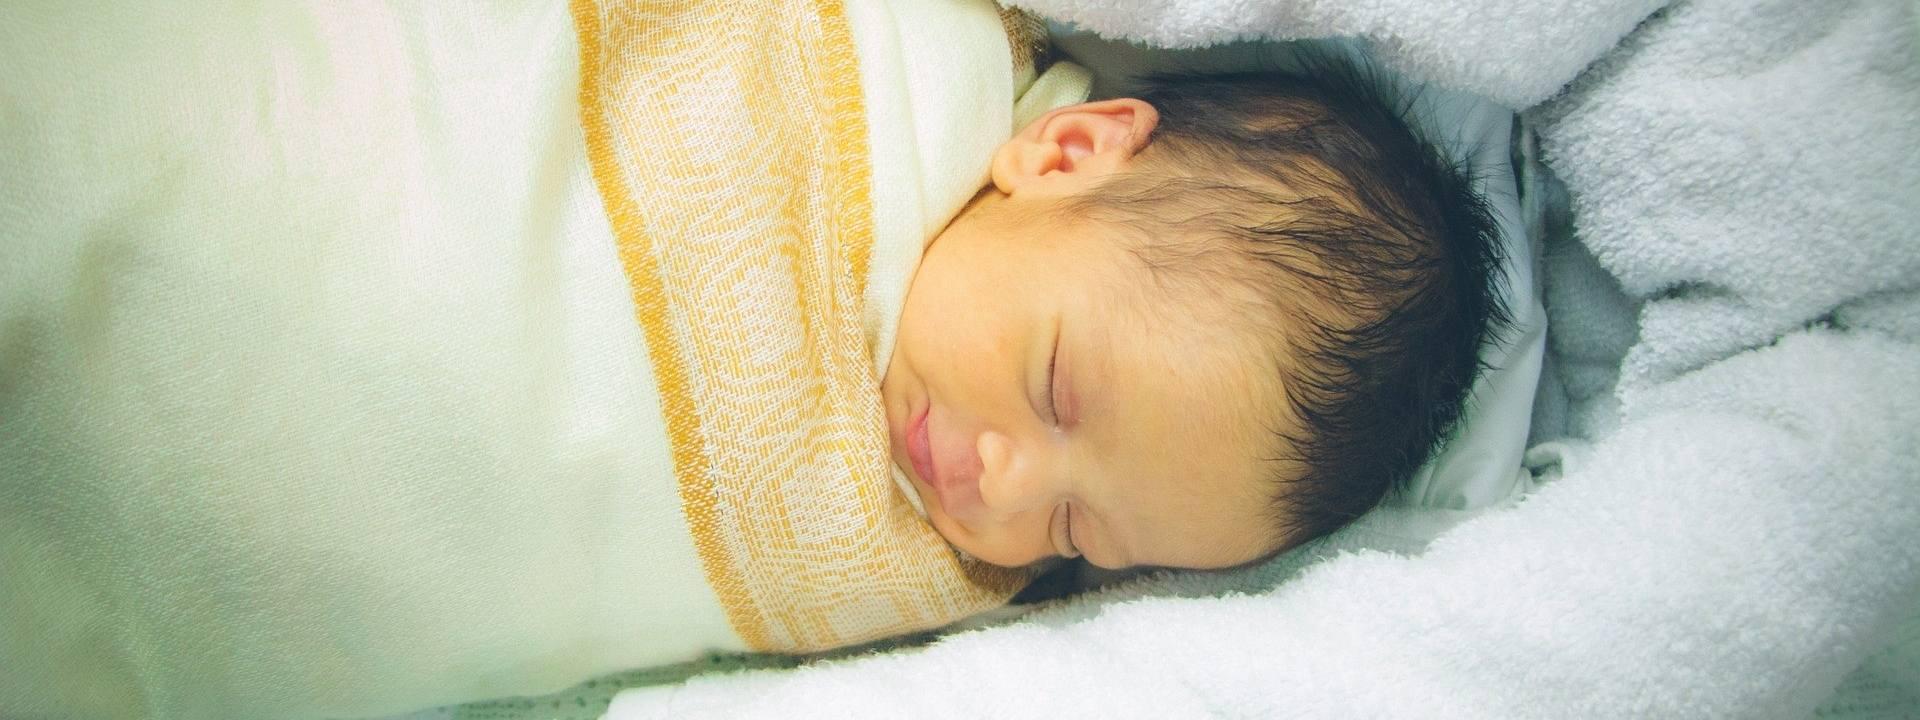 Rząd przyznał, że w Polsce nie będzie się rodziło znacznie więcej dzieci